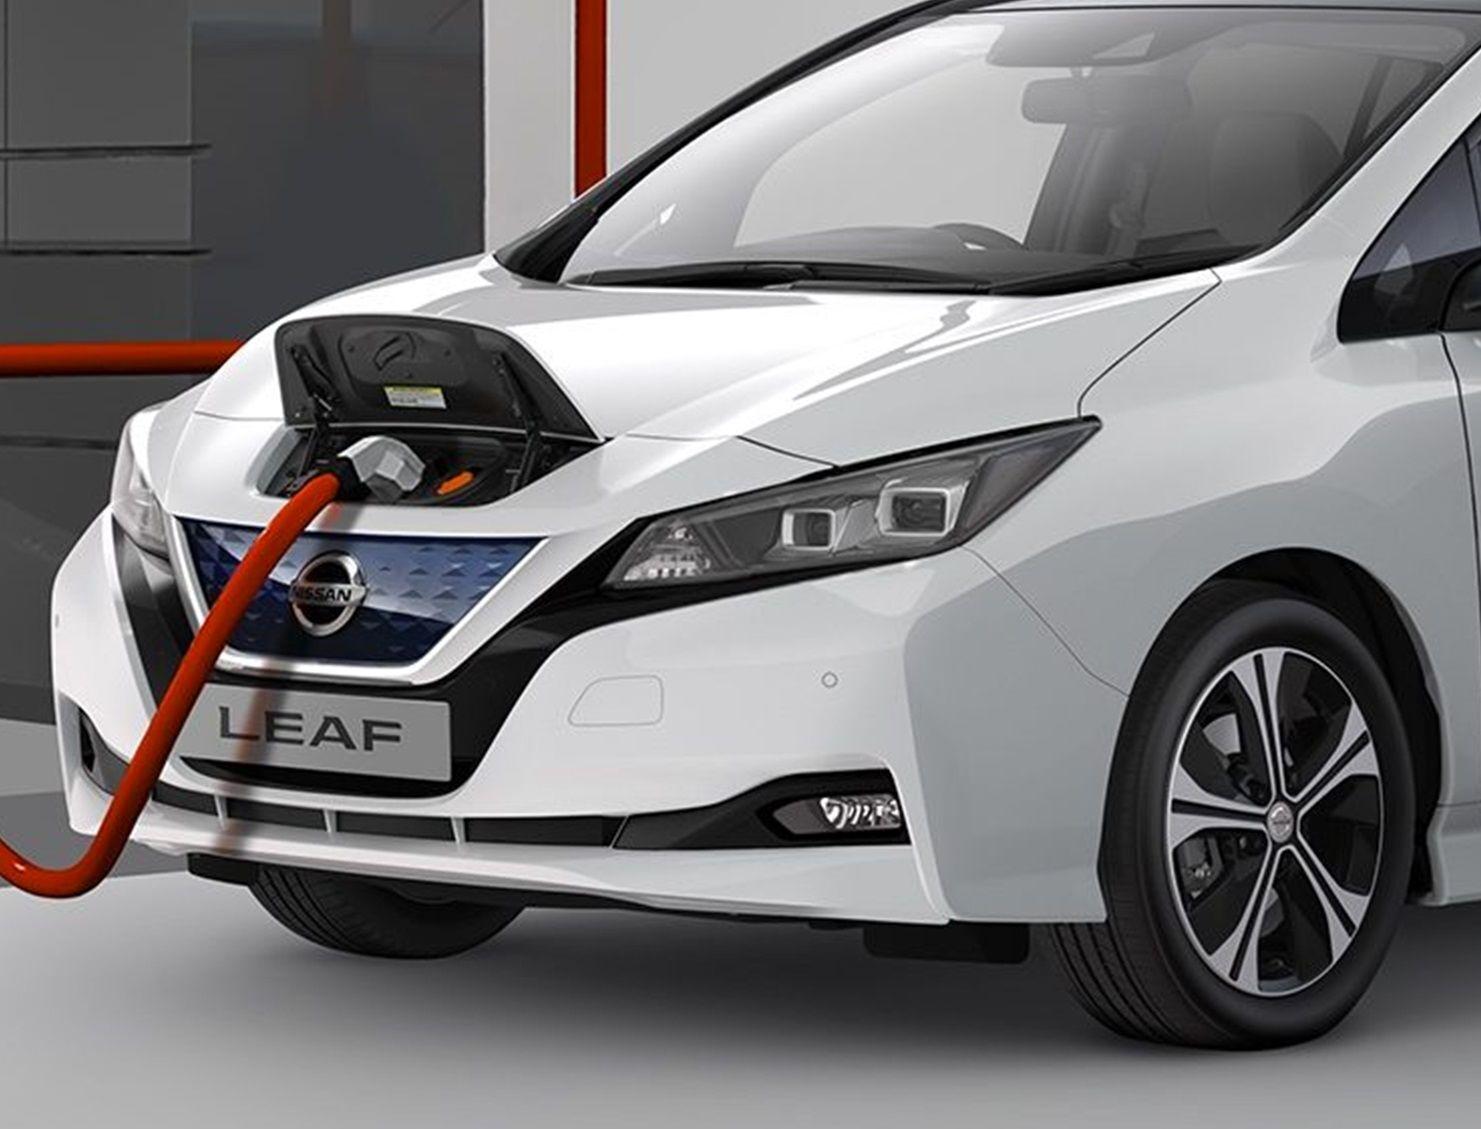 ایجاد انقلابی در دنیای اتومبیل های برقی با باتری های پر ظرفیت